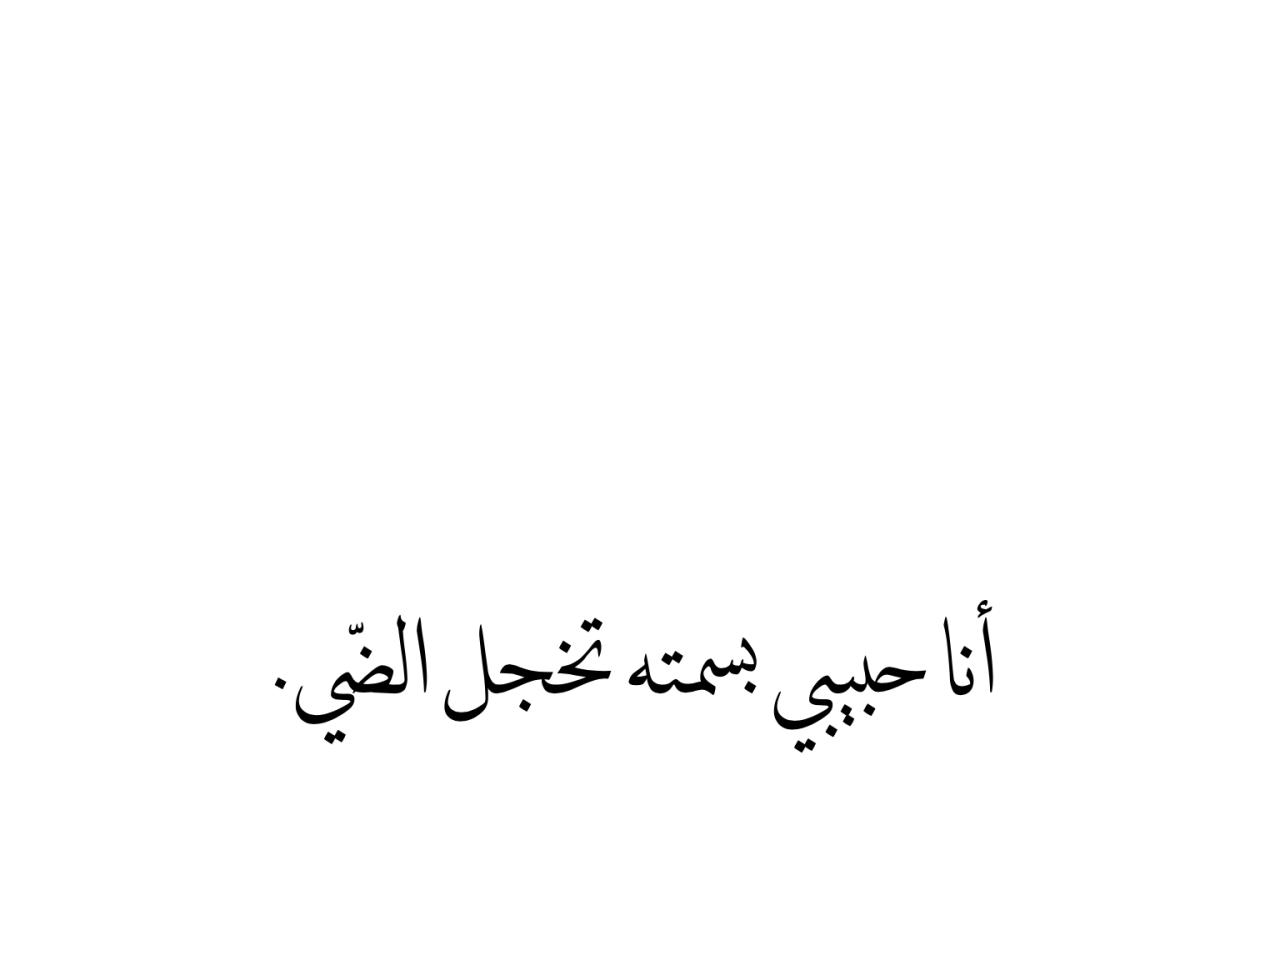 بالصور اشعار حب وشوق , اجمل الكلمات و المدح للحب والاشواق 483 2